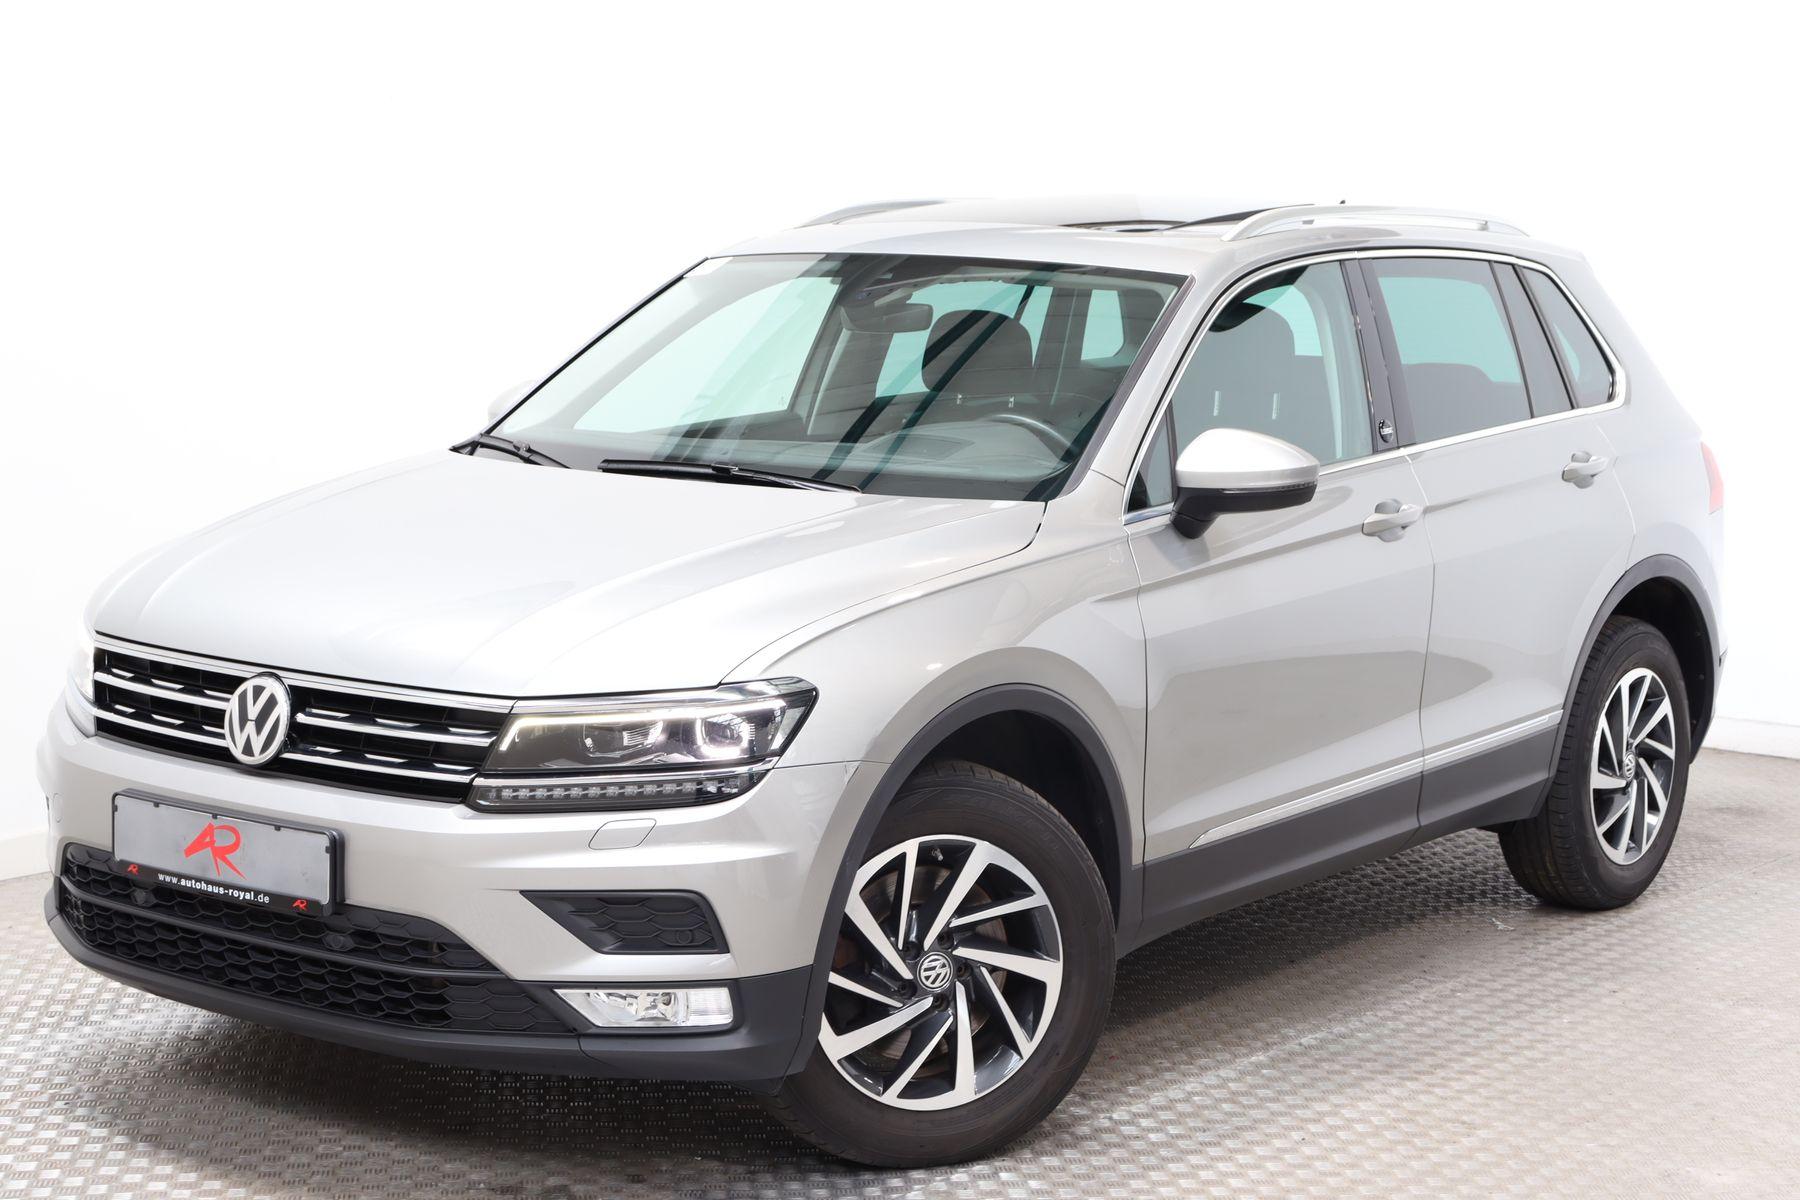 Volkswagen Tiguan 2.0 TDI 4M SOUND ACTIVE-INFO,HEAD-UP,ACC, Jahr 2017, Diesel